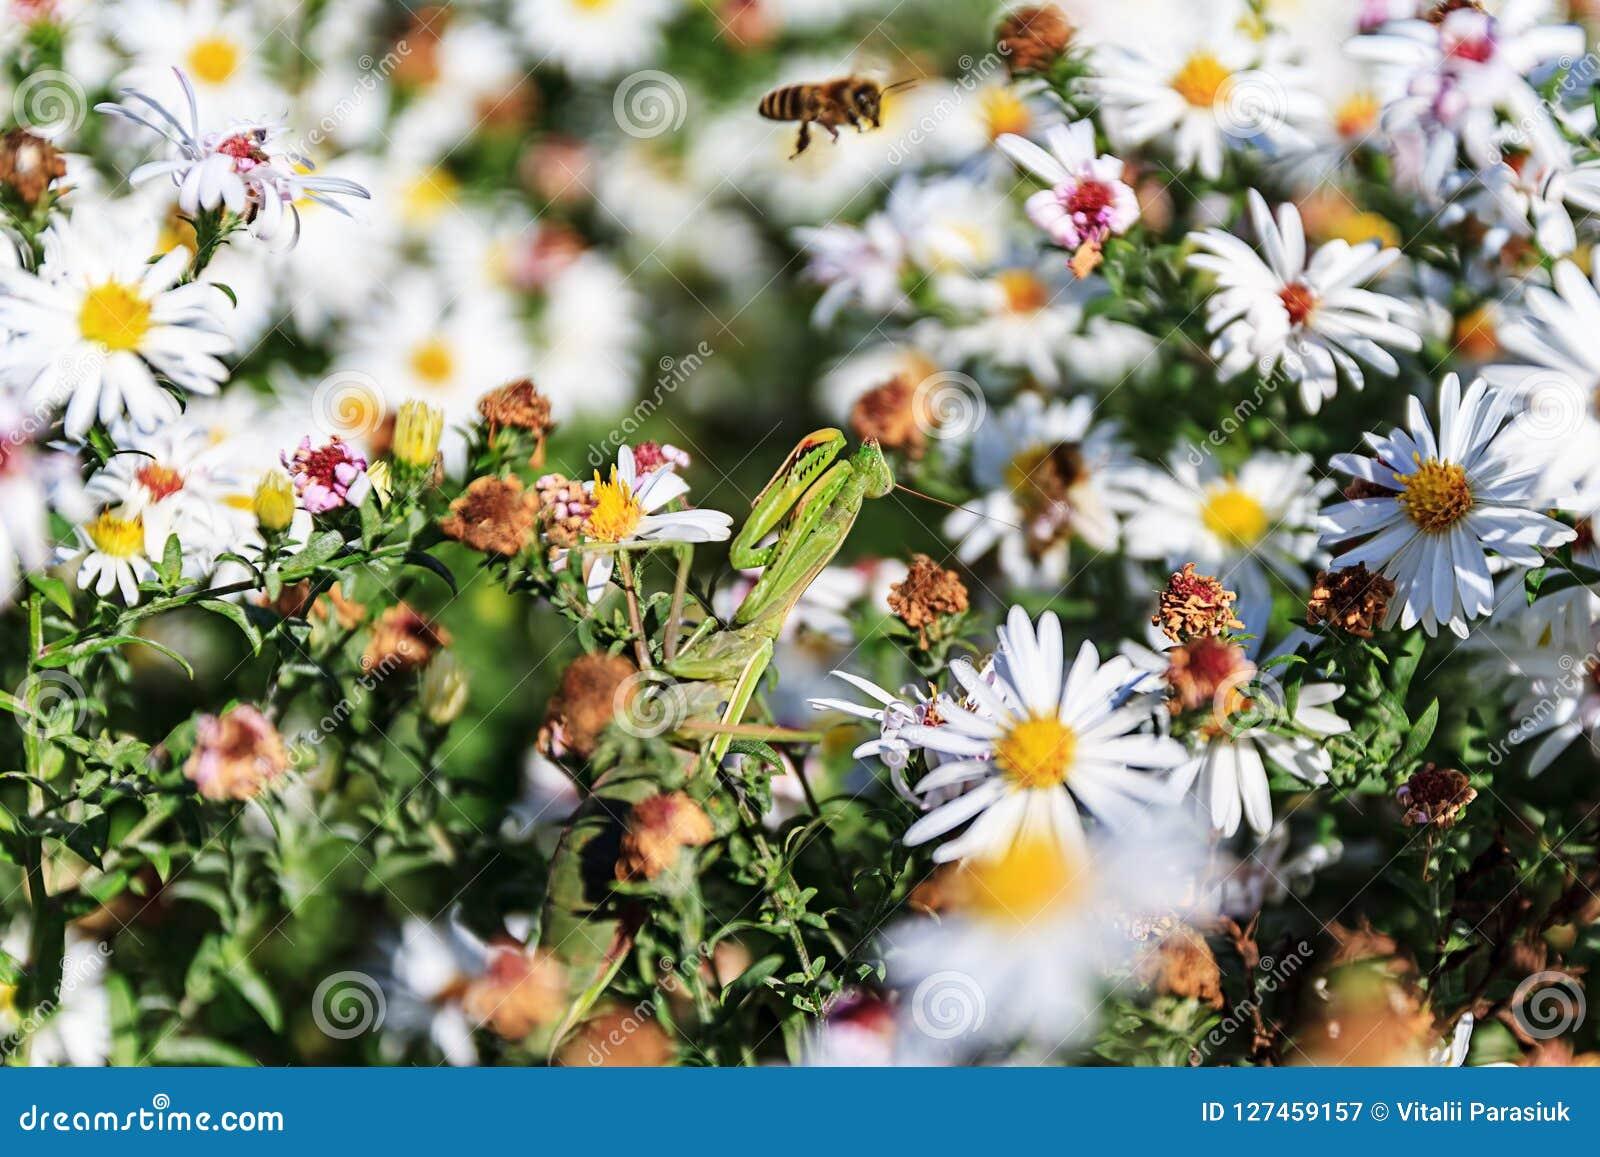 Praying mantis on the flower